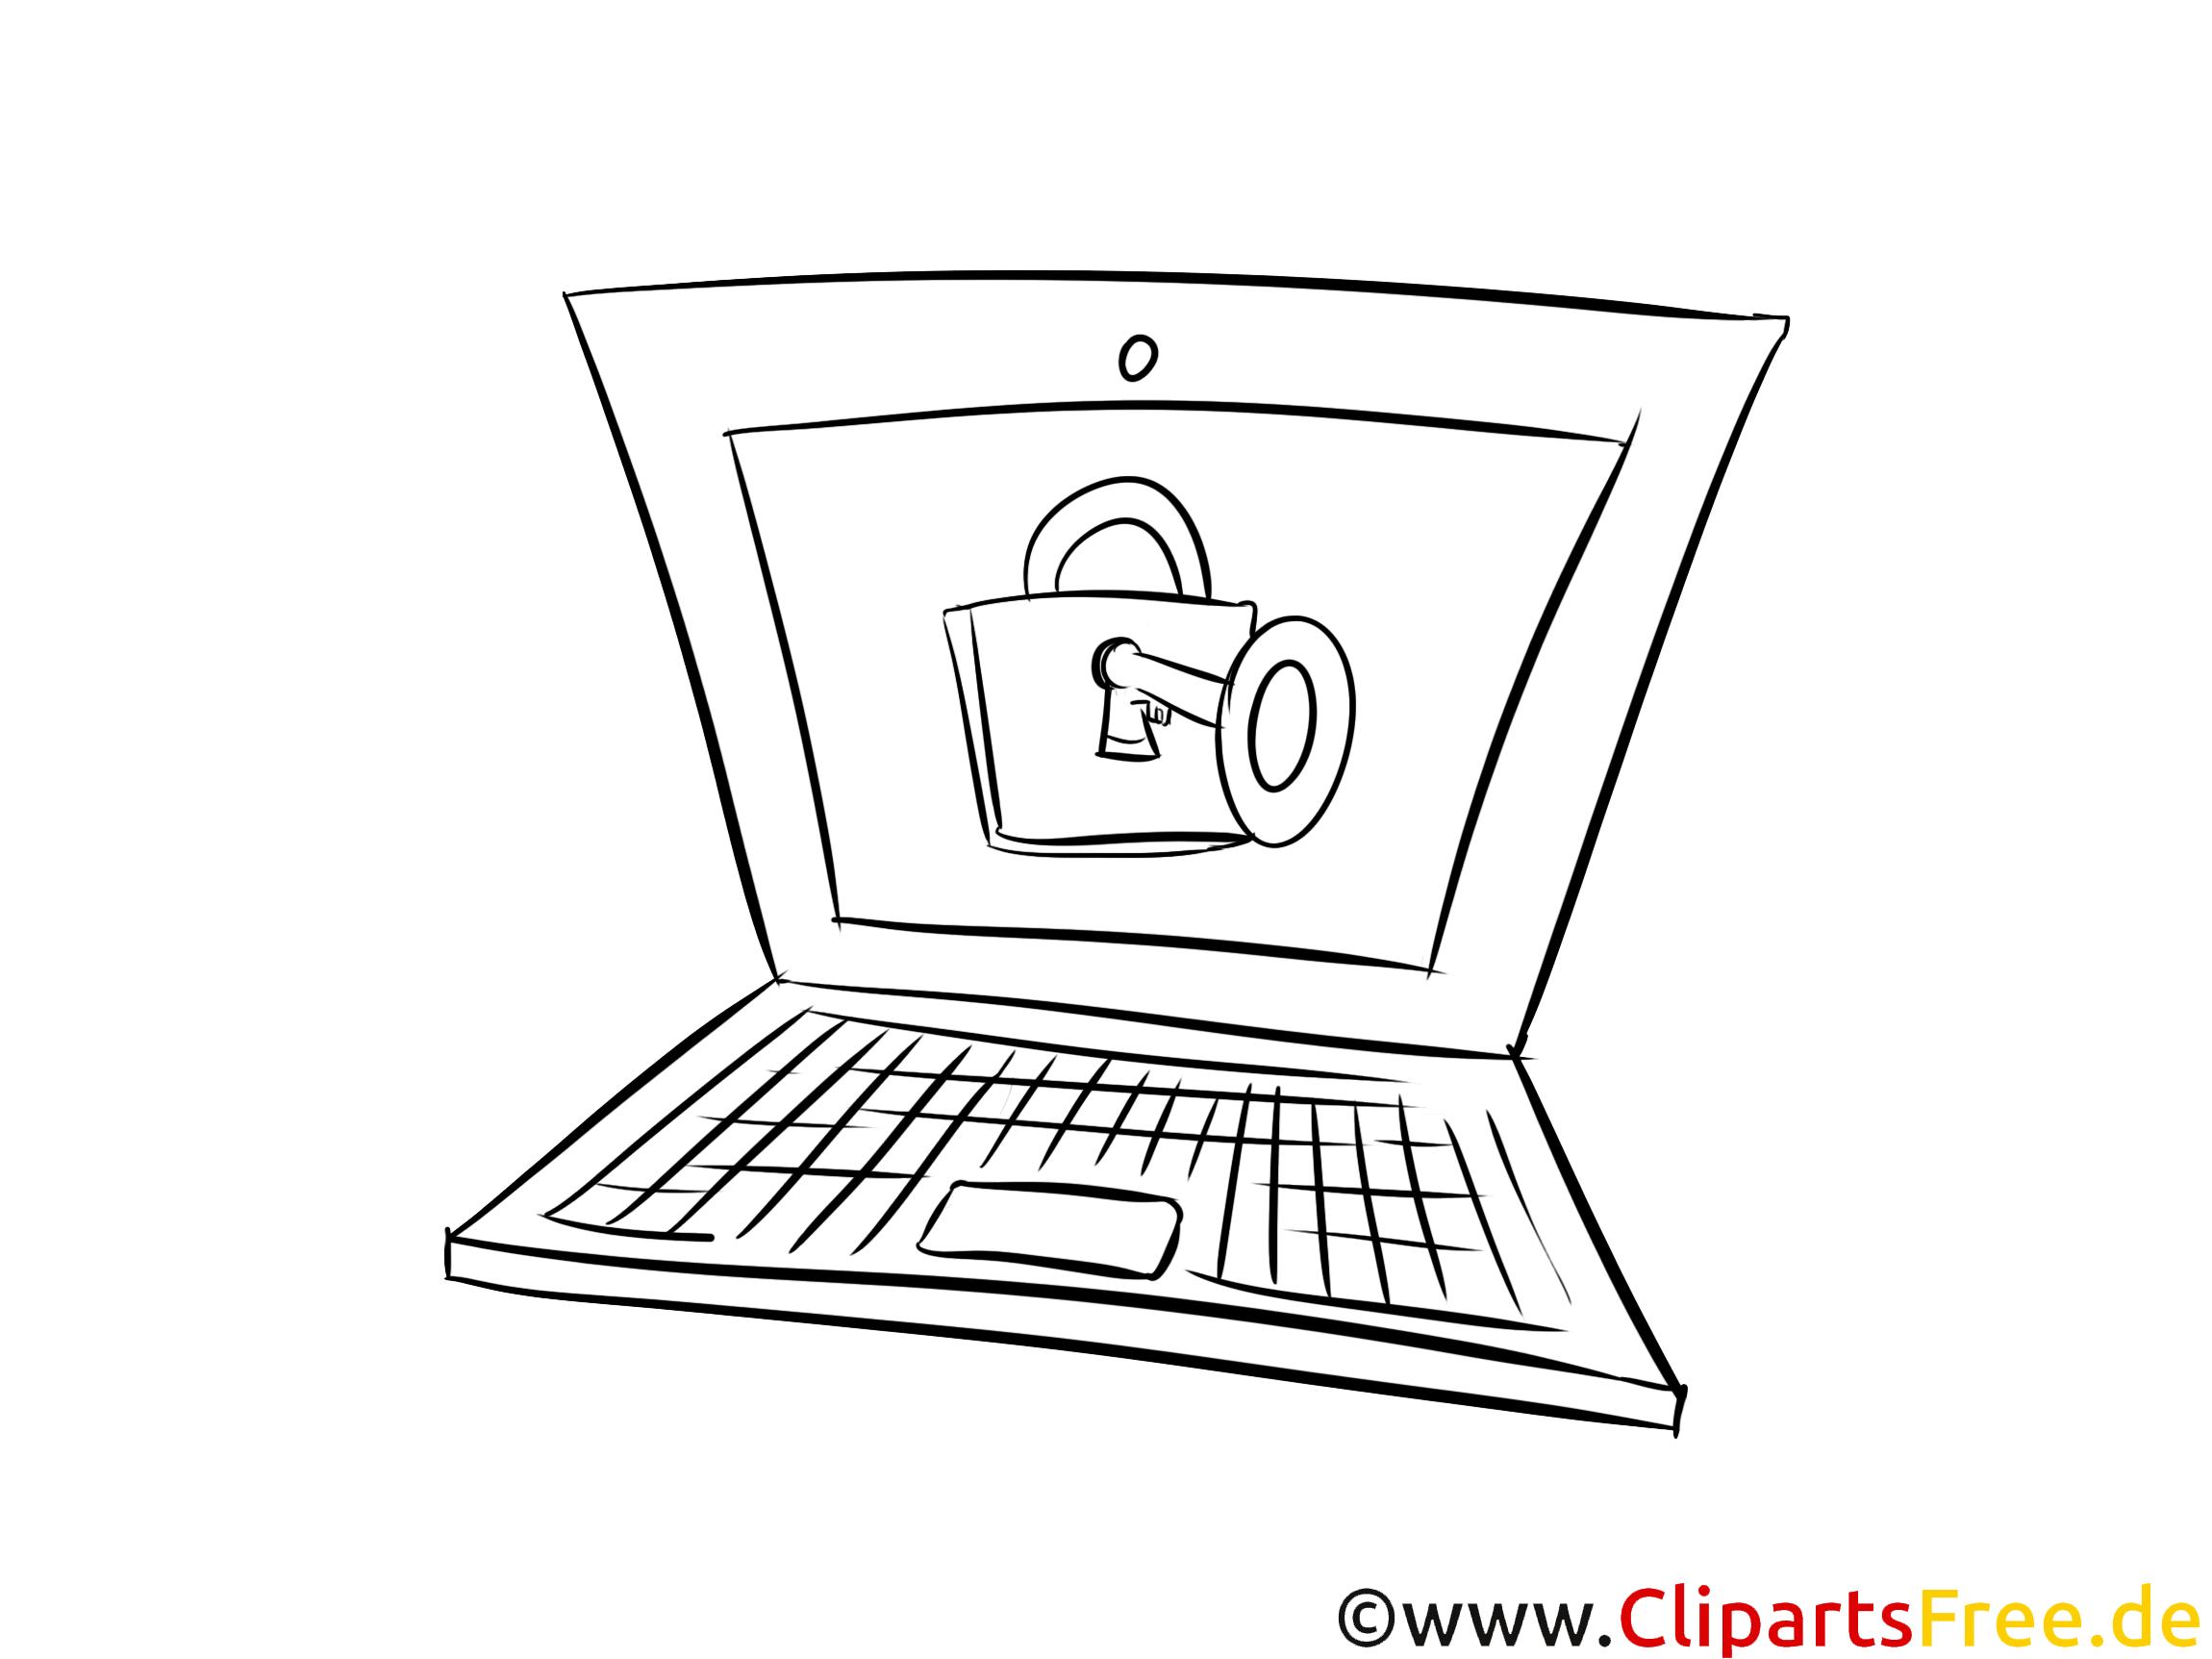 Laptop, Computer Bild schwarz-weiß zum Drucken, Ausmalen